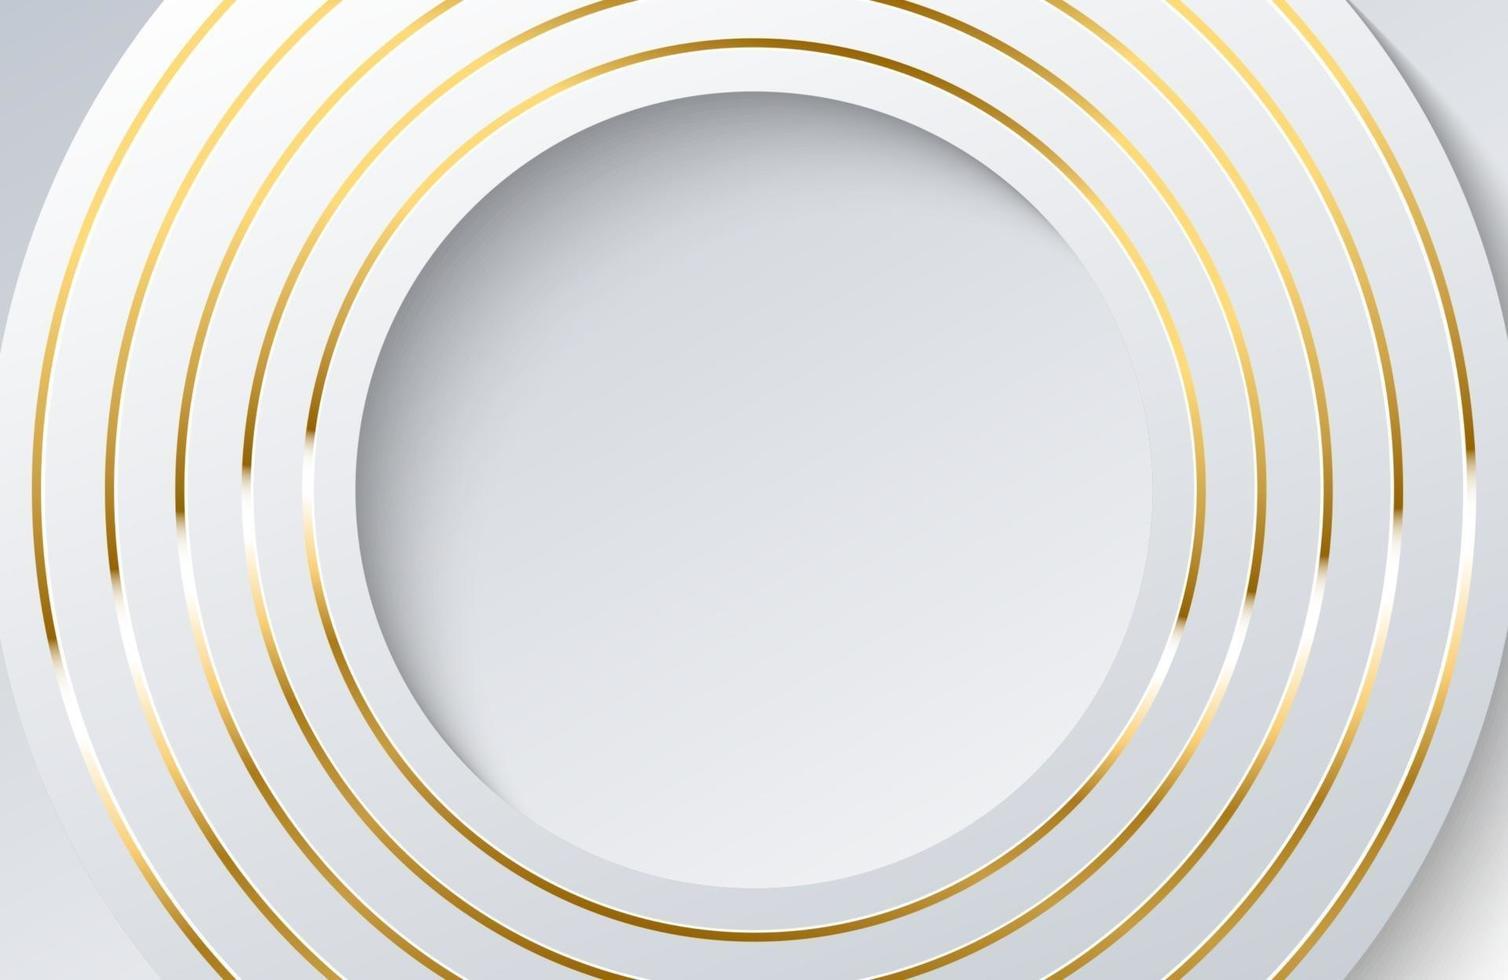 fundo branco moderno com elemento de círculo de ouro brilhante. elegante design de forma de círculo com vetor de linha dourada